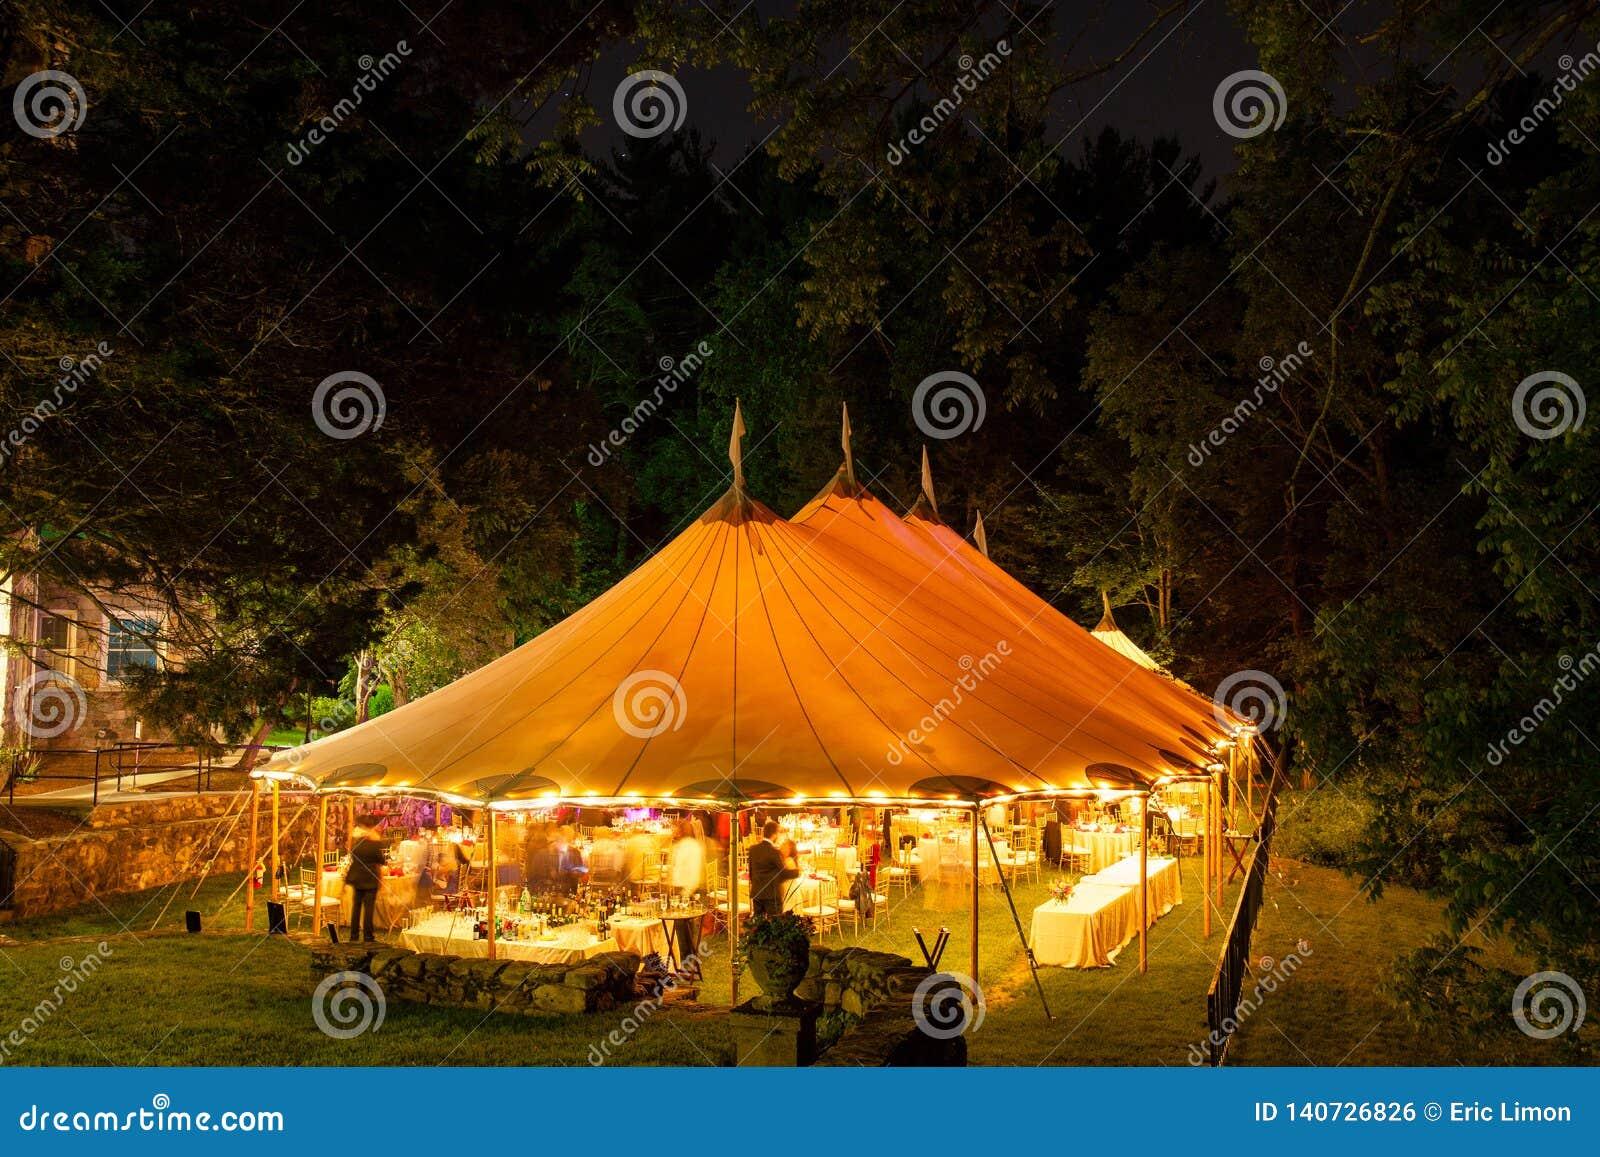 Een huwelijkstent bij nacht door bomen met een oranje gloed van de lichten wordt omringd, lange blootstelling - de reeks die van